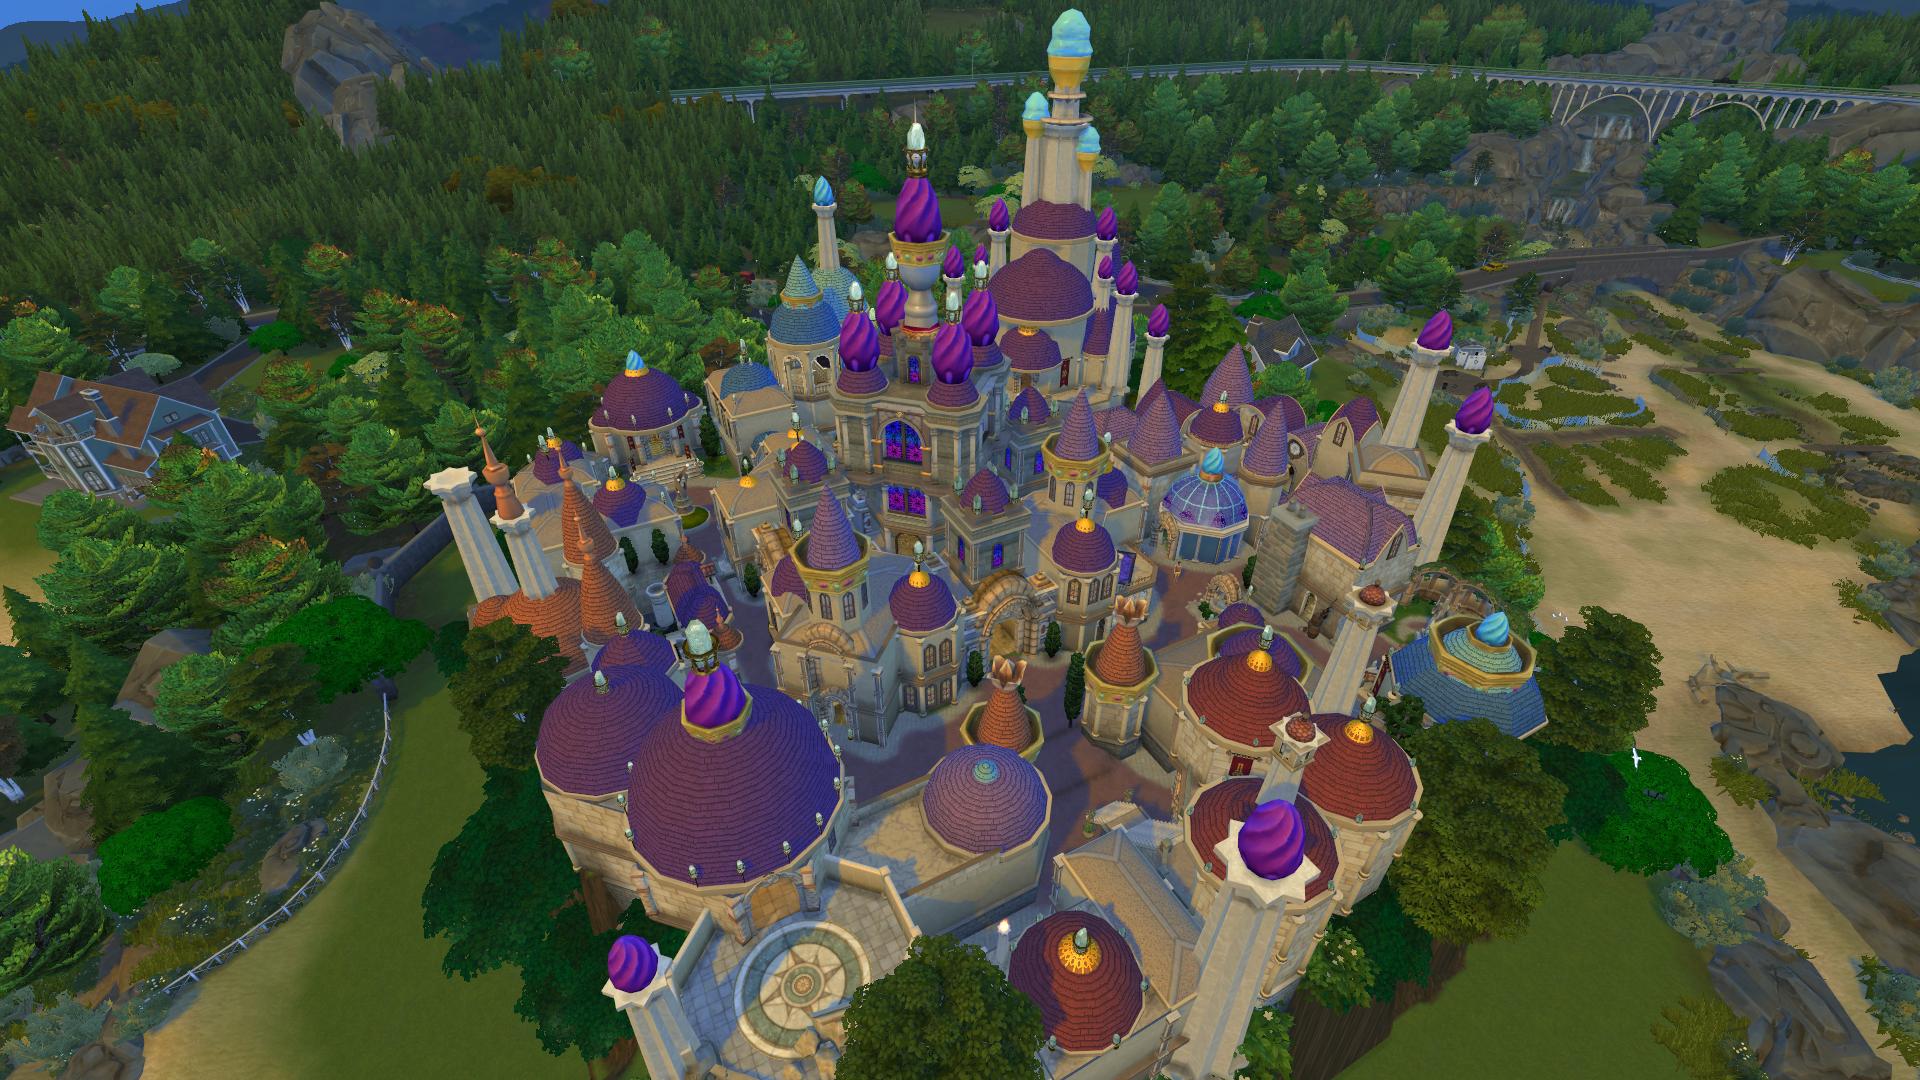 Плавающий город перестроен в The Sims 4